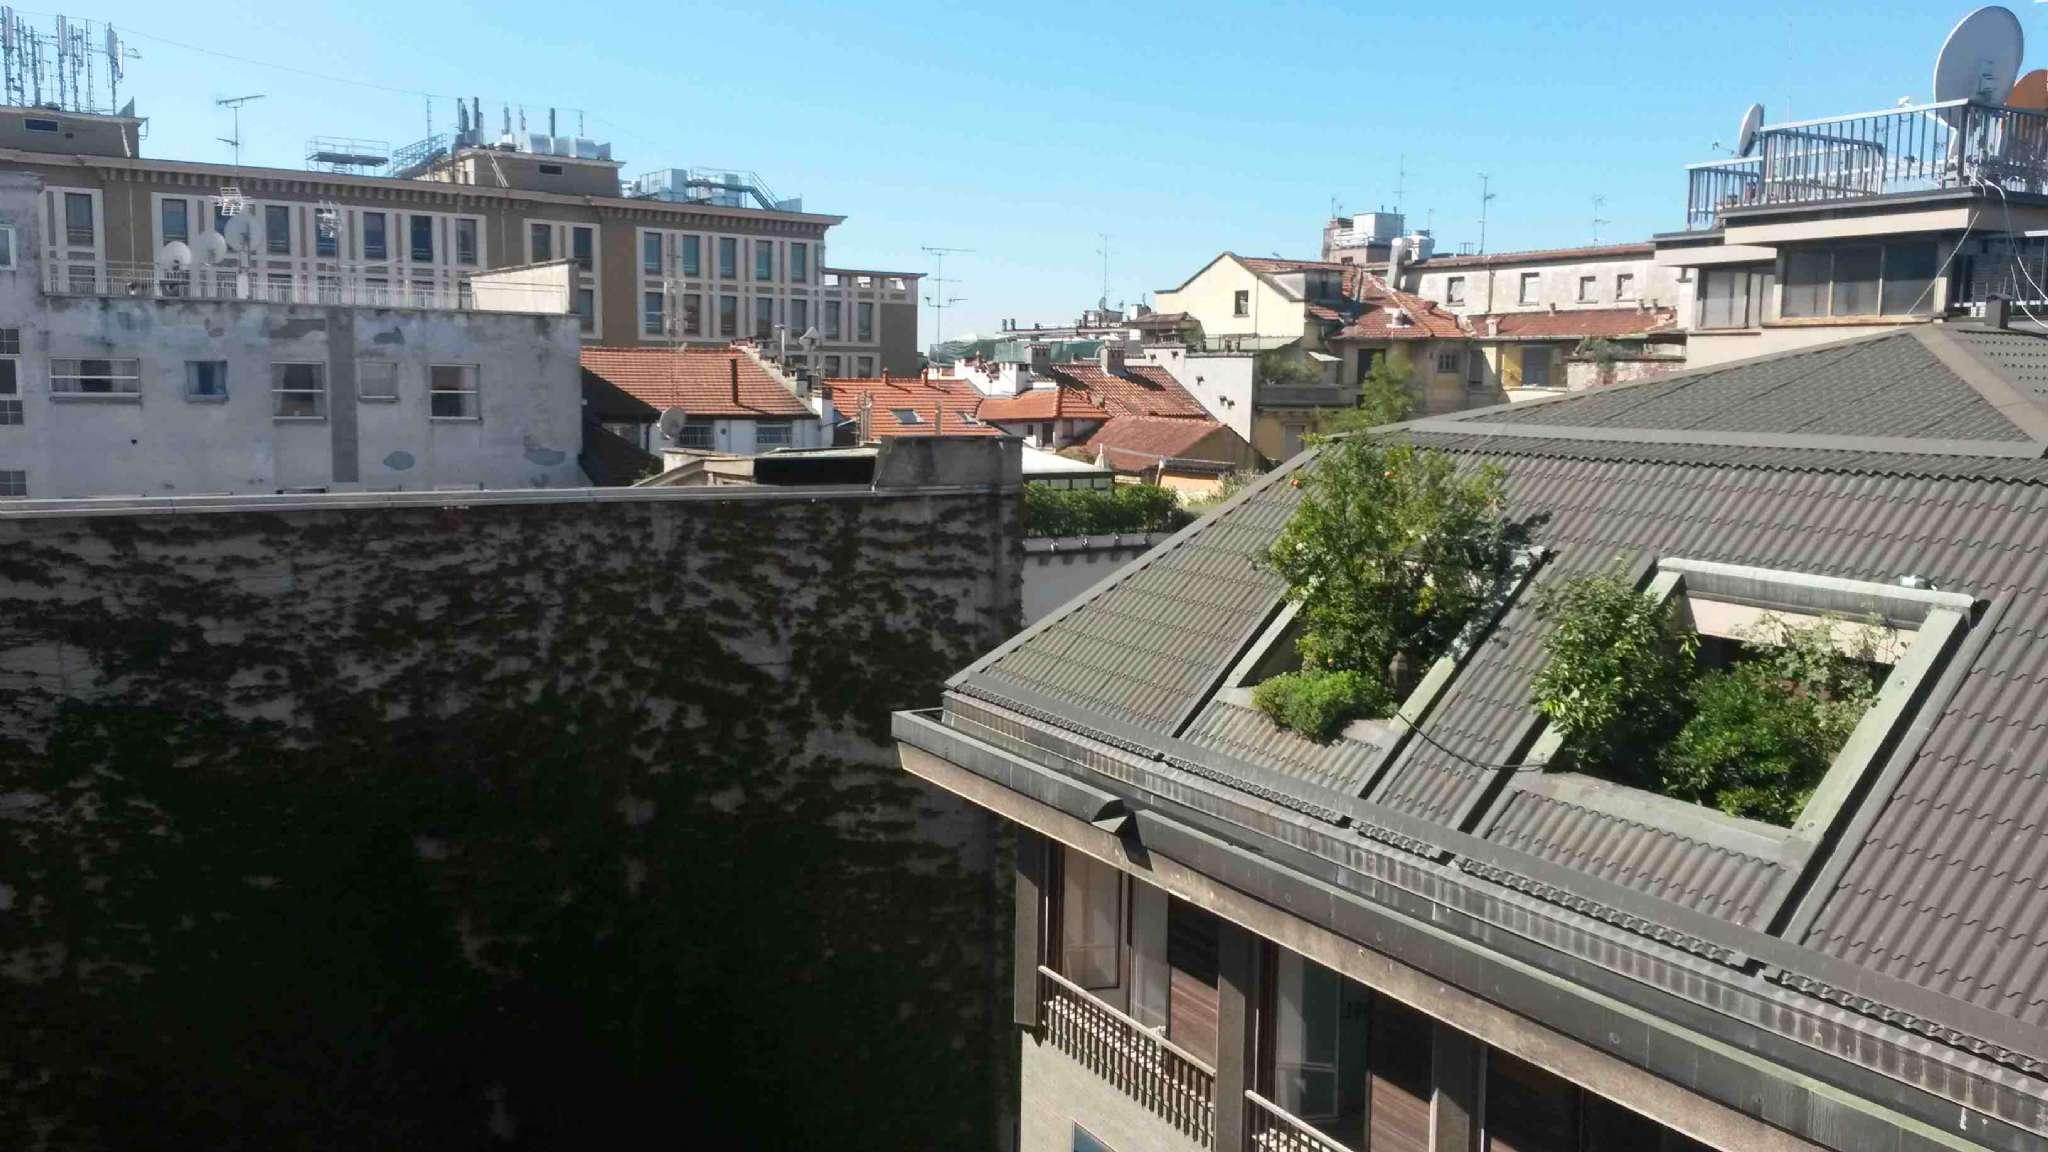 Appartamento in affitto a Milano, 2 locali, zona Zona: 1 . Centro Storico, Duomo, Brera, Cadorna, Cattolica, prezzo € 1.360 | Cambio Casa.it